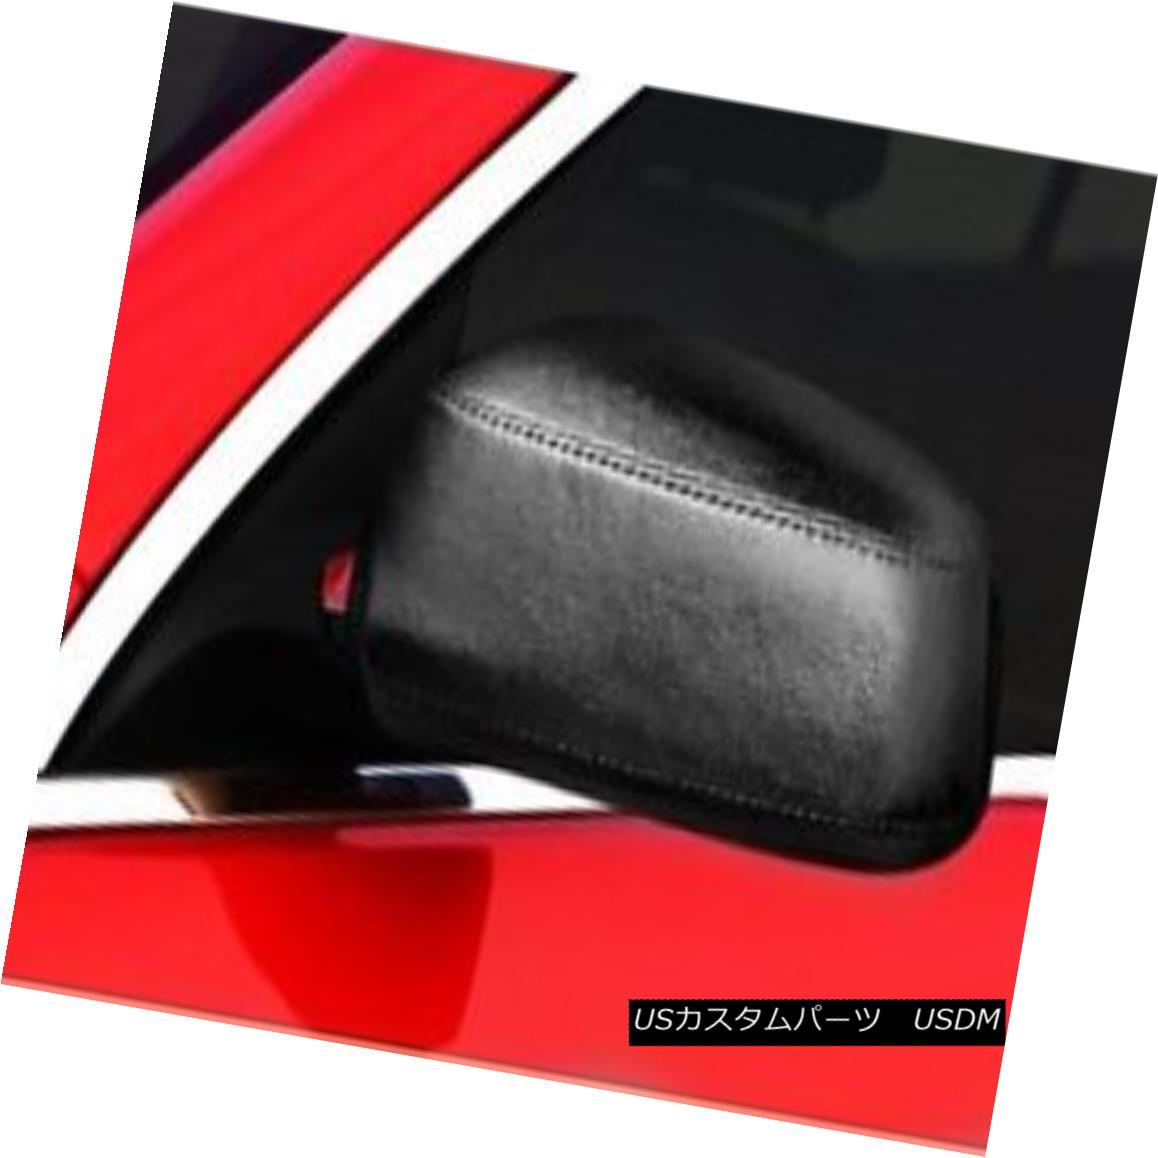 フルブラ ノーズブラ Colgan Car Mirror Covers Bra Protector Black Fits 1995-1997 AUDI A6, 2.8 コルガン車用ミラーカバーブラプロテクターブラックフィット1995-1997 AUDI A6、2.8